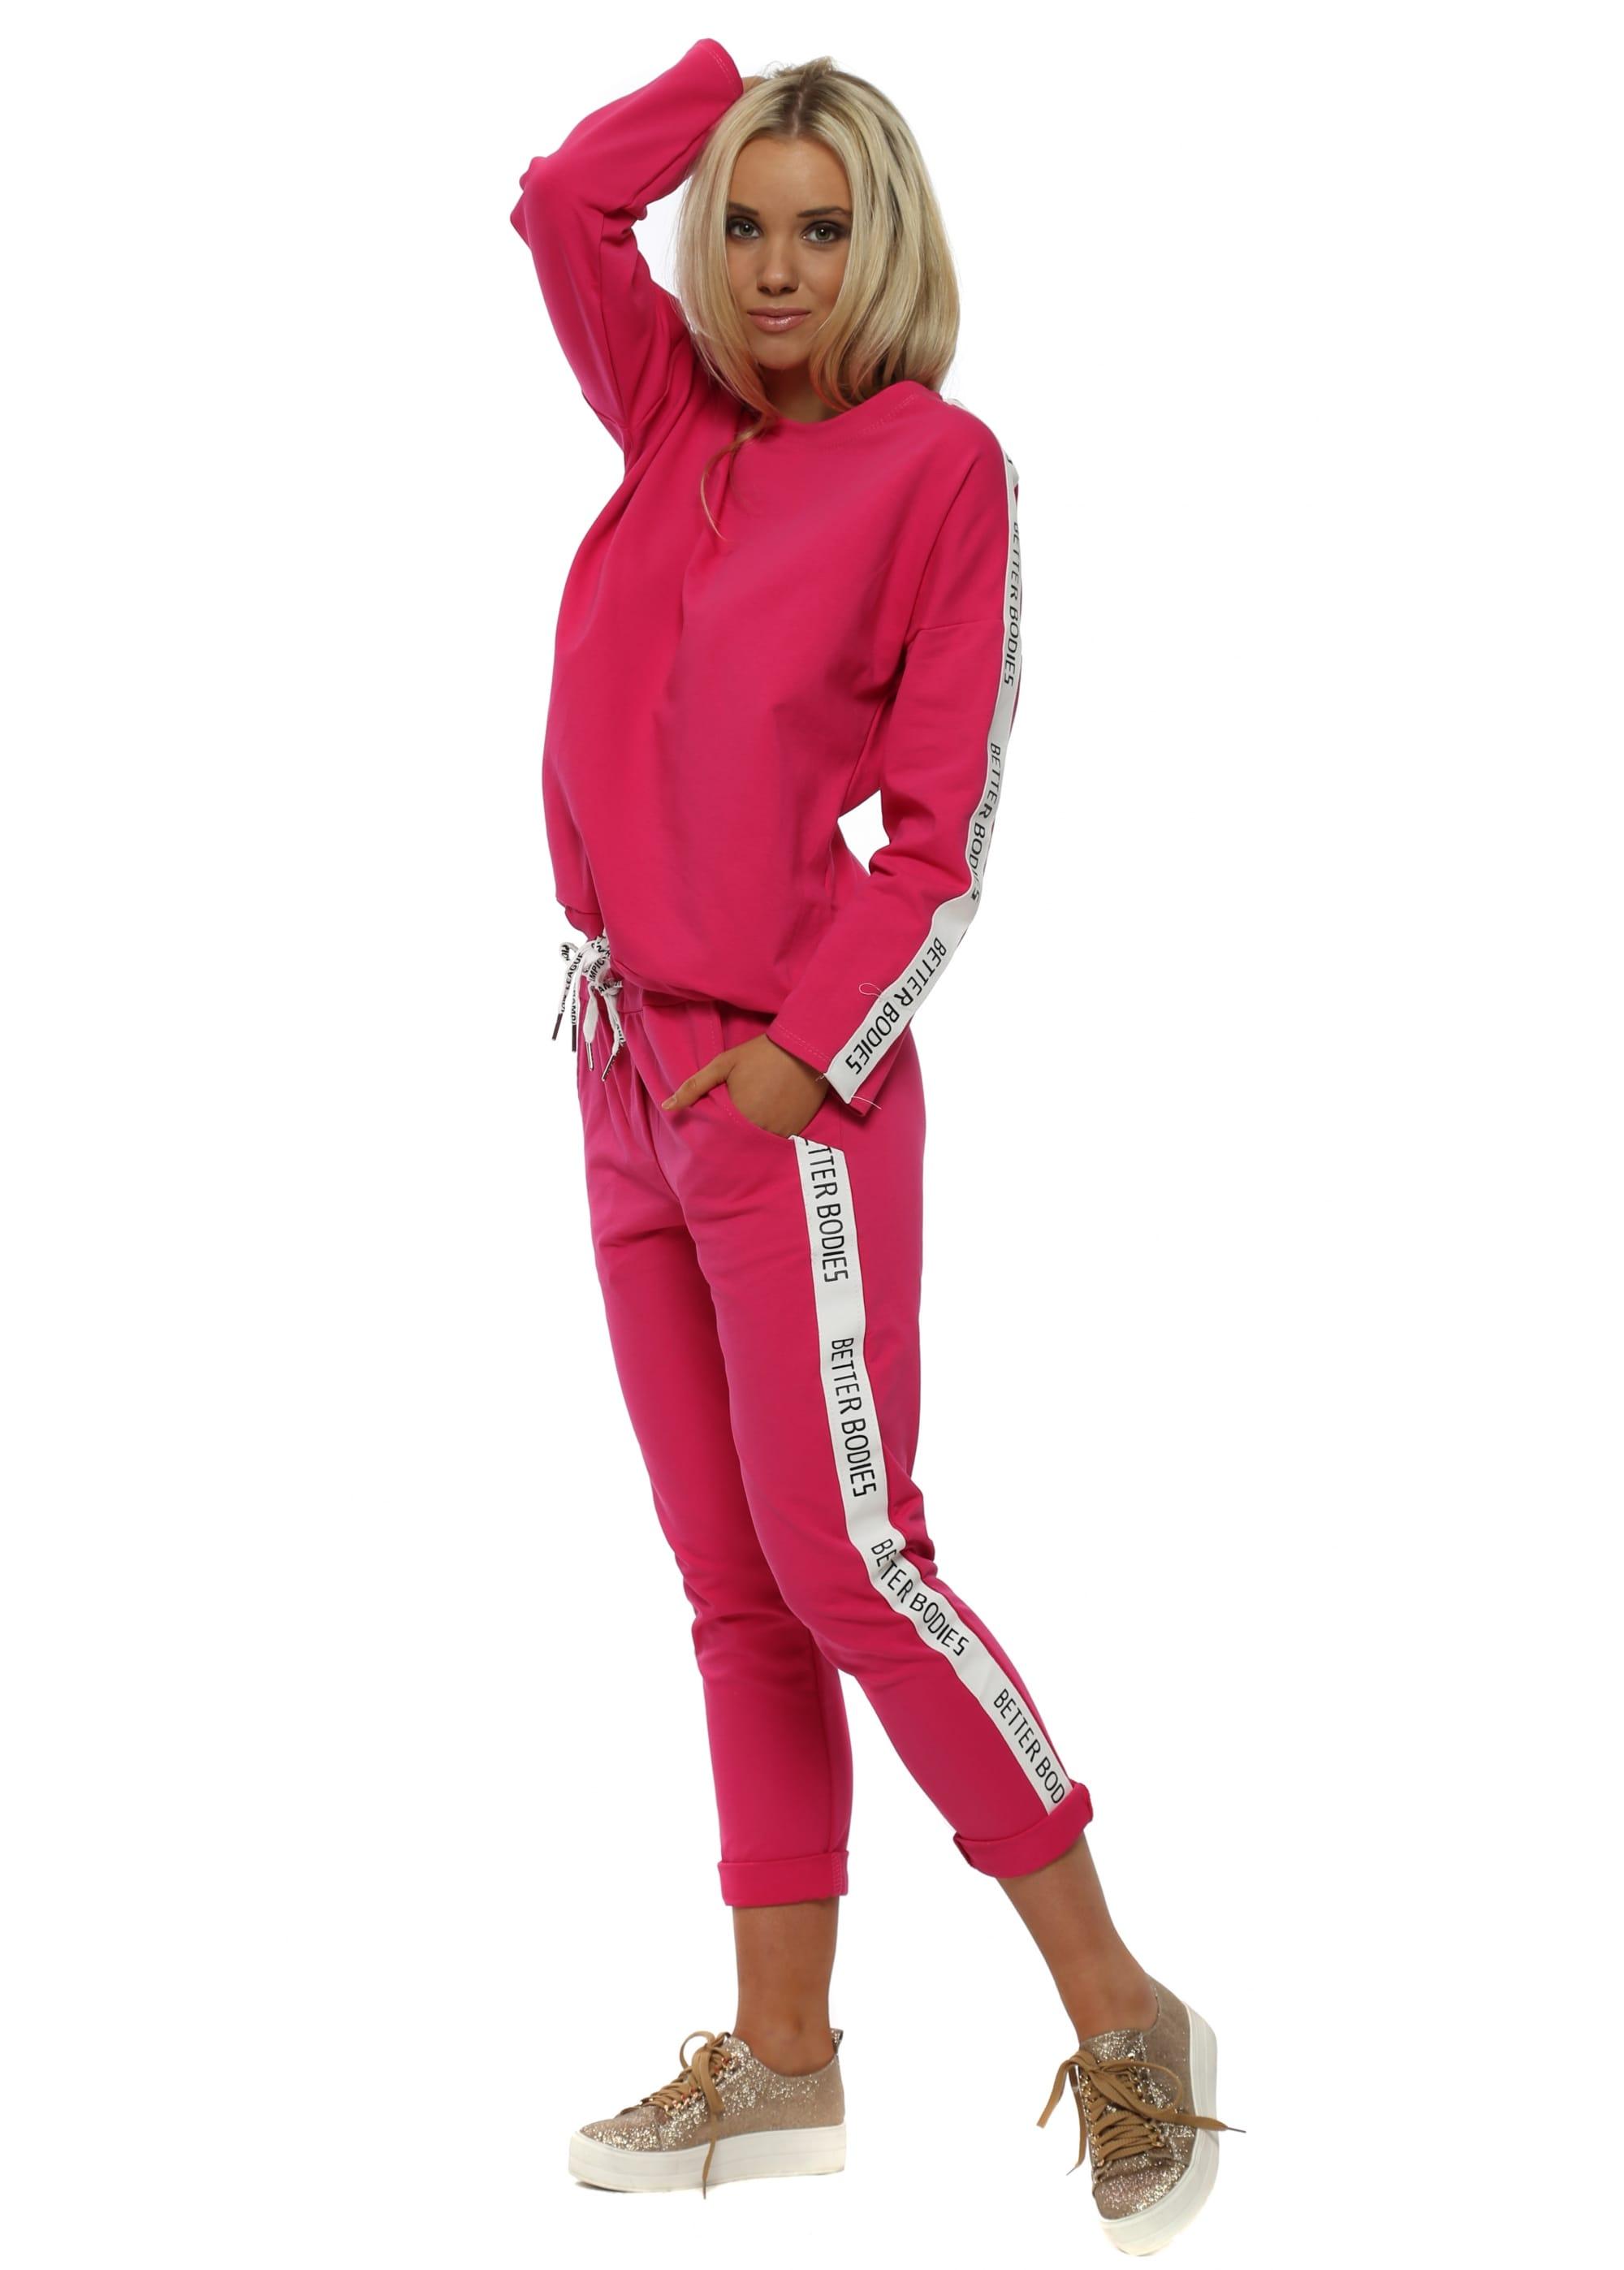 hyvä istuvuus esikatselu laaja valikoima Bright Pink Cotton Better Bodies Tracksuit